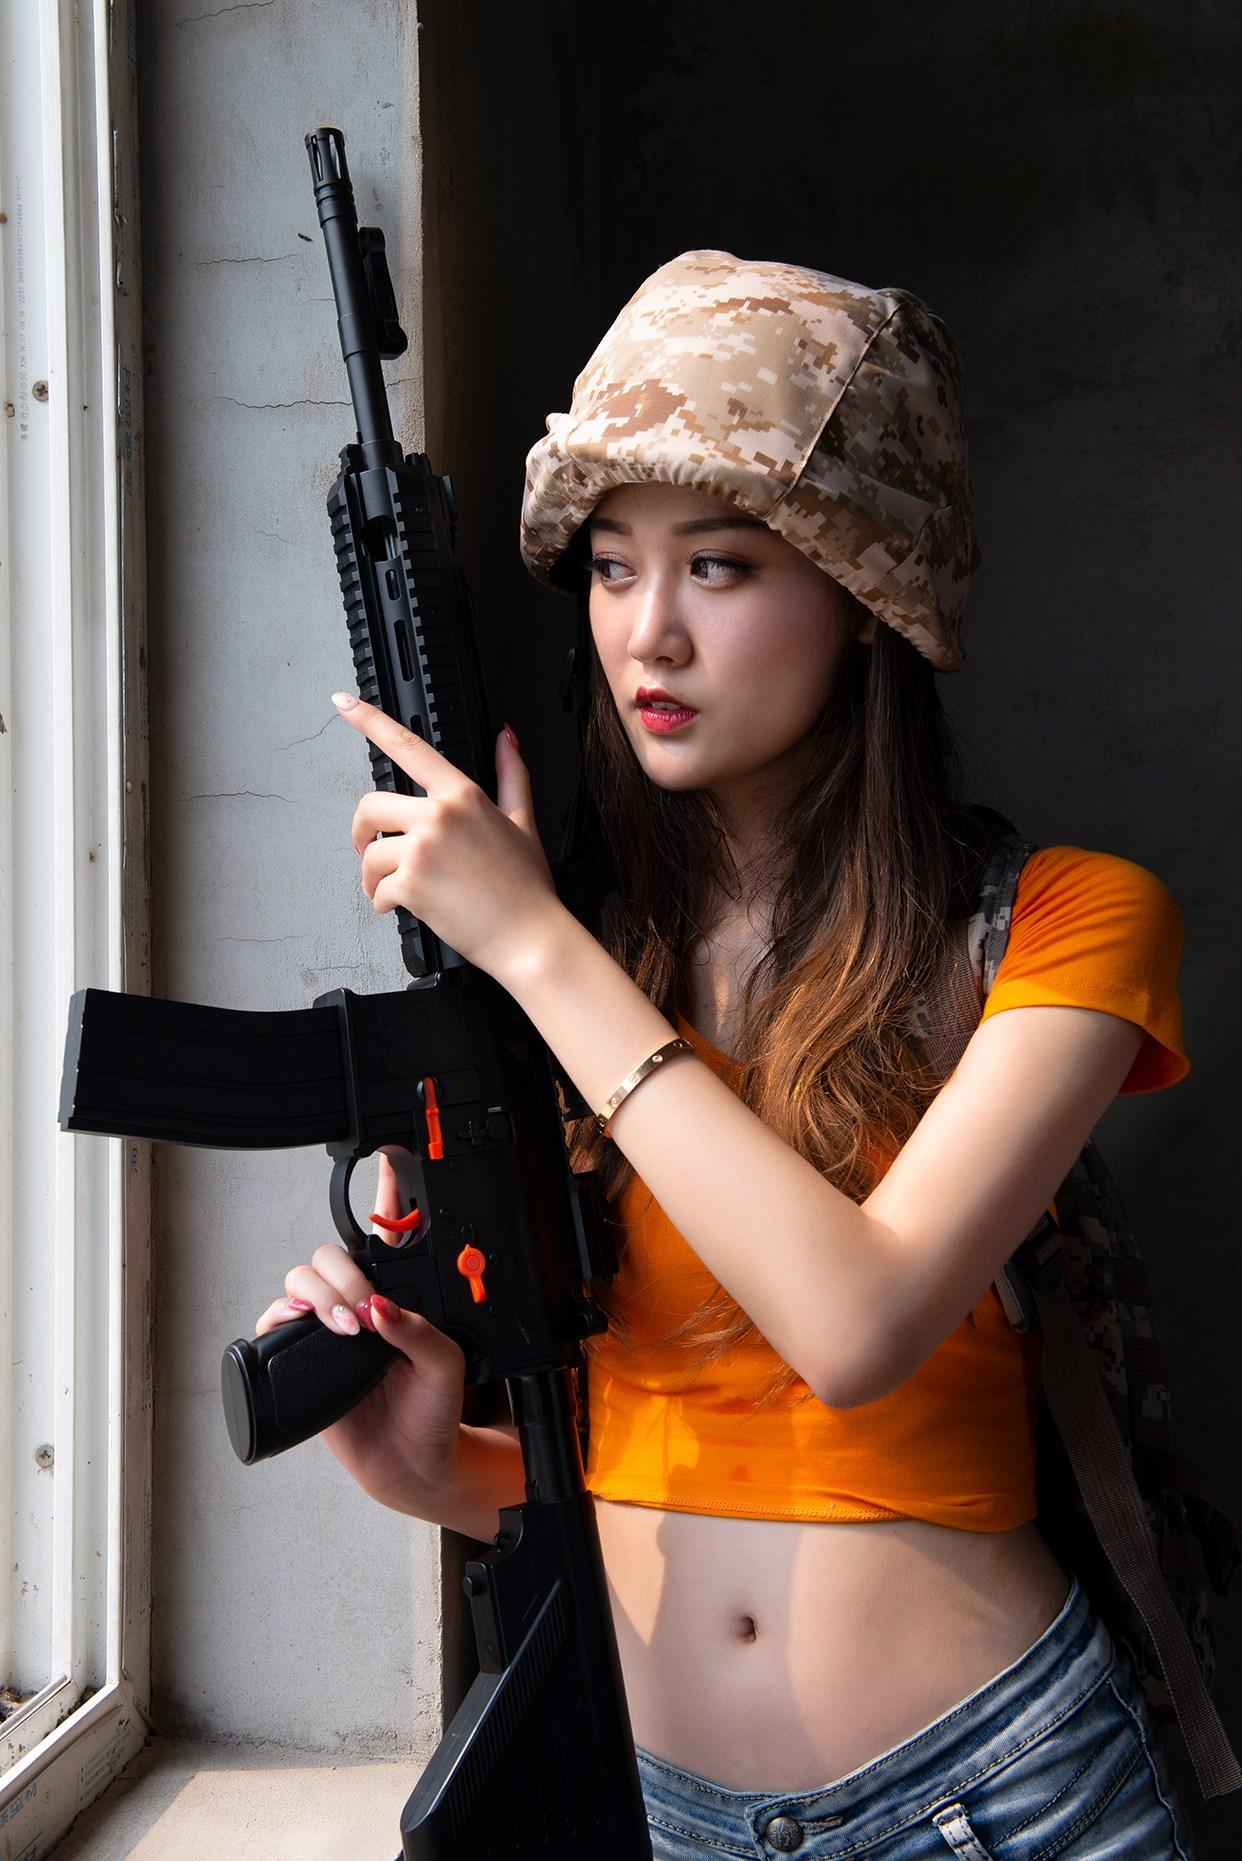 【兔玩映画】狙击少女 兔玩映画 第15张